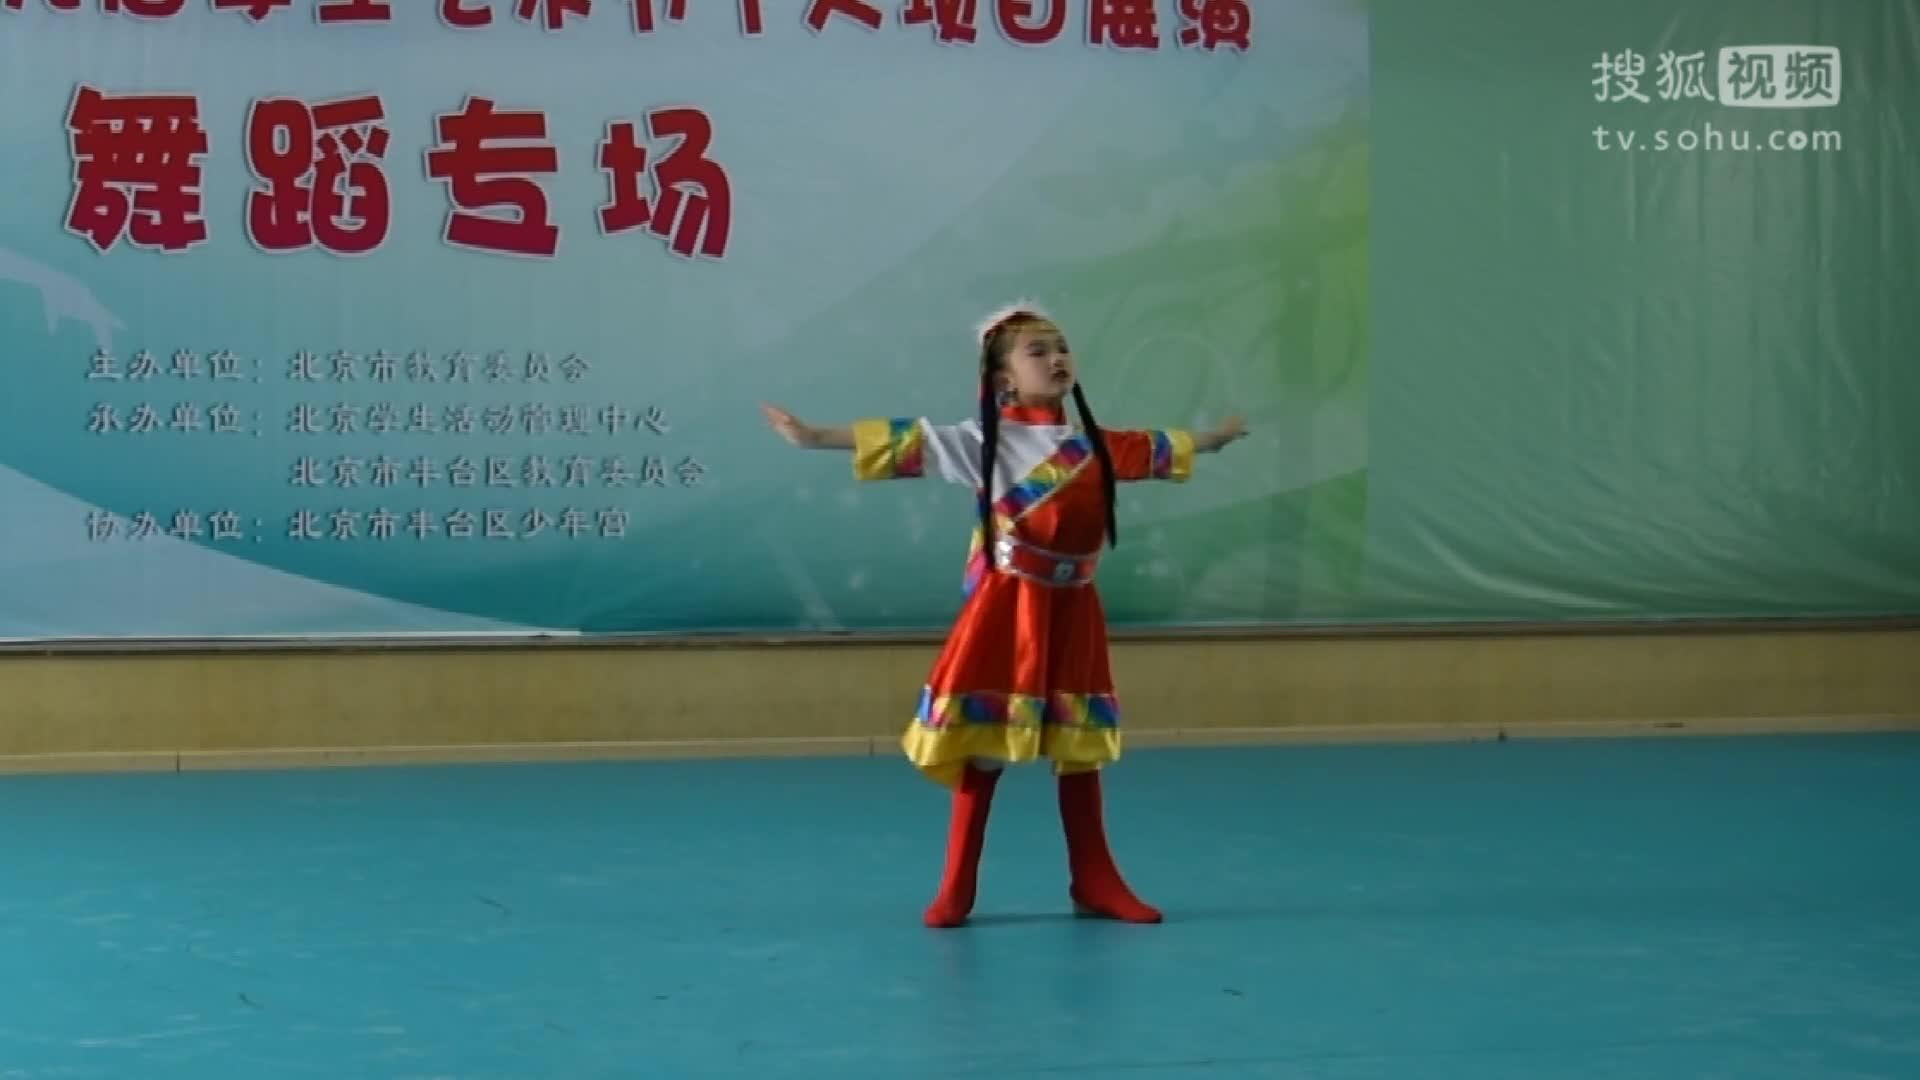 幼儿园大班藏族舞蹈教案多幸福